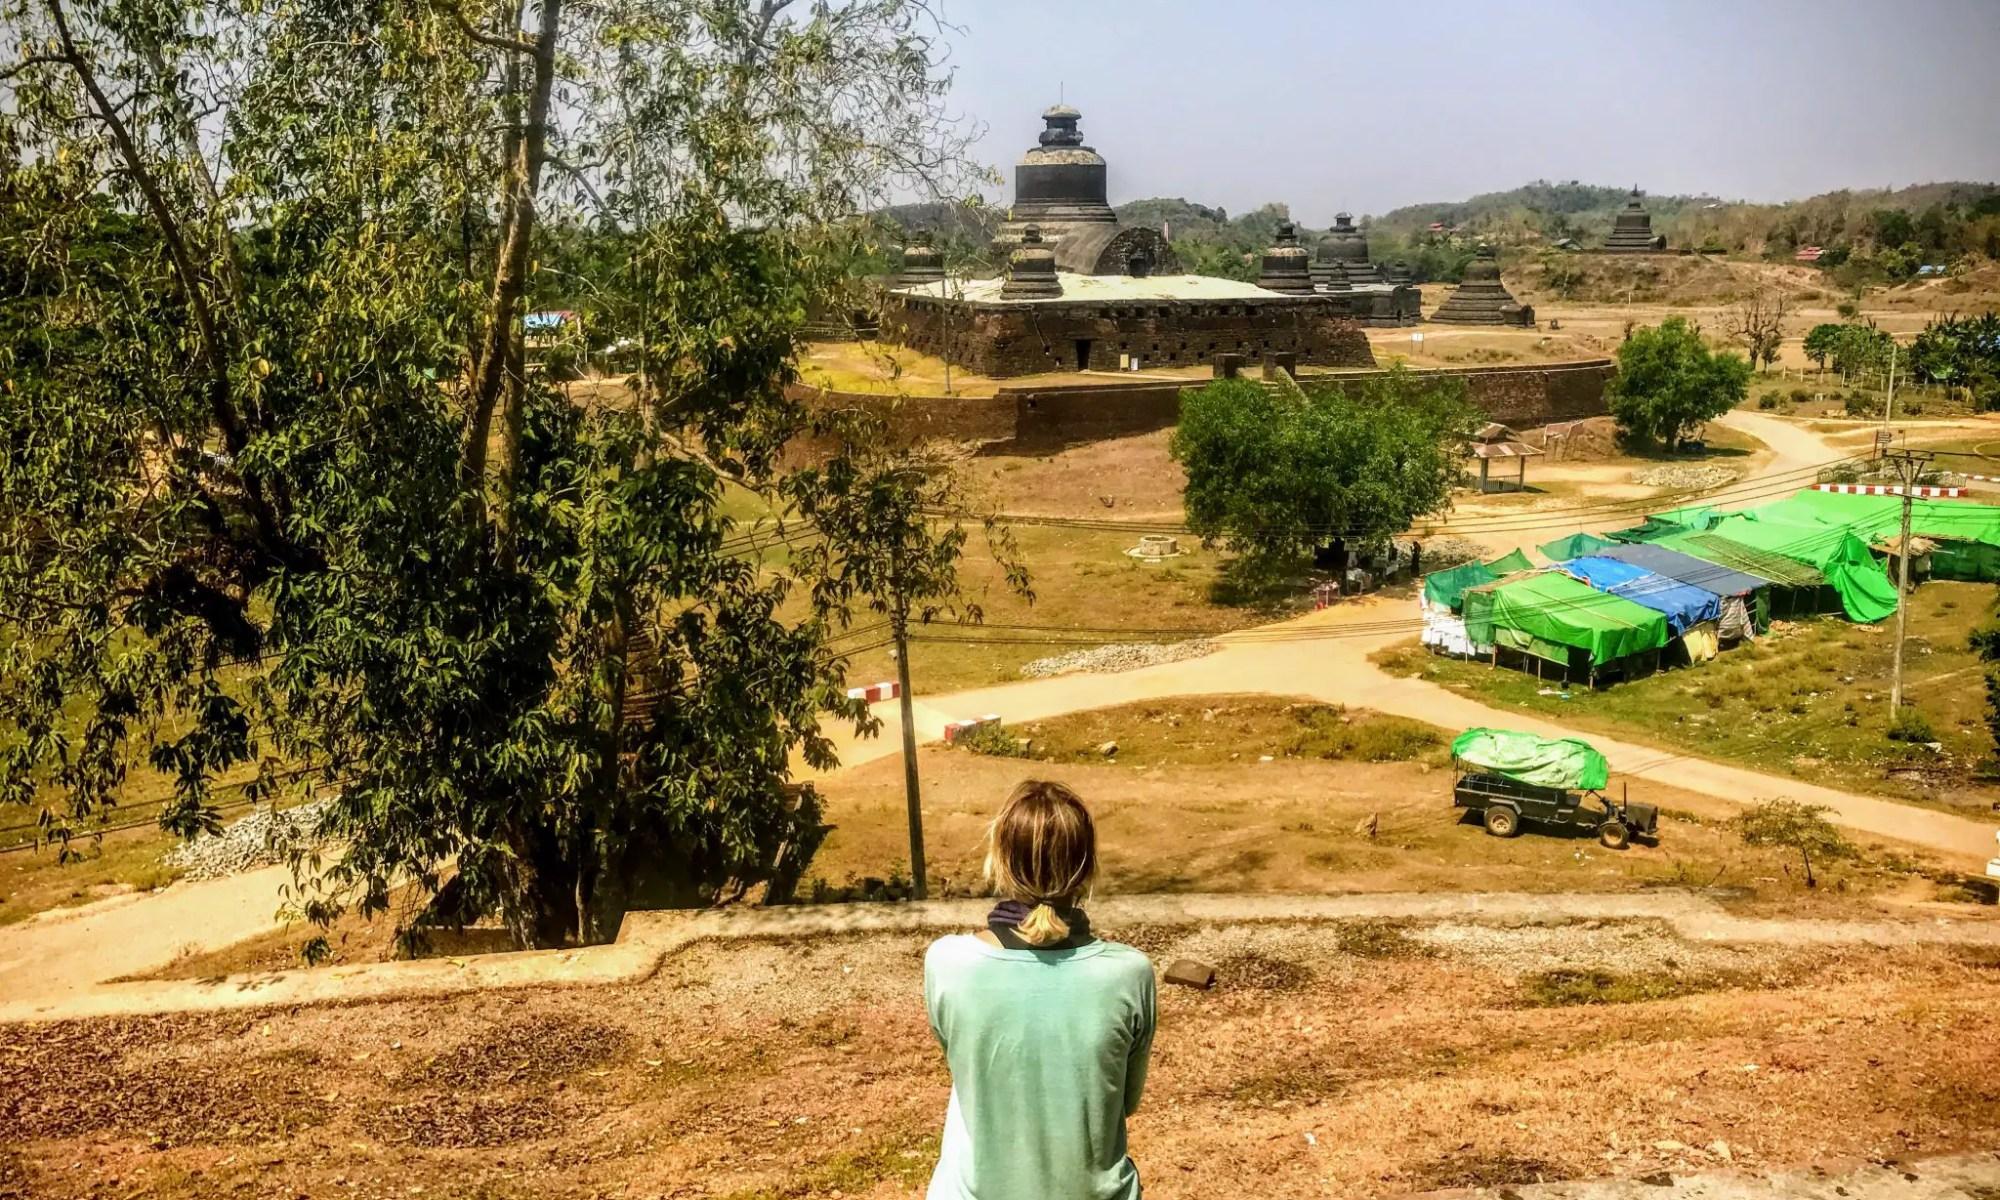 Looking at Htukkanthein Temple in Mrauk U, Myanmar